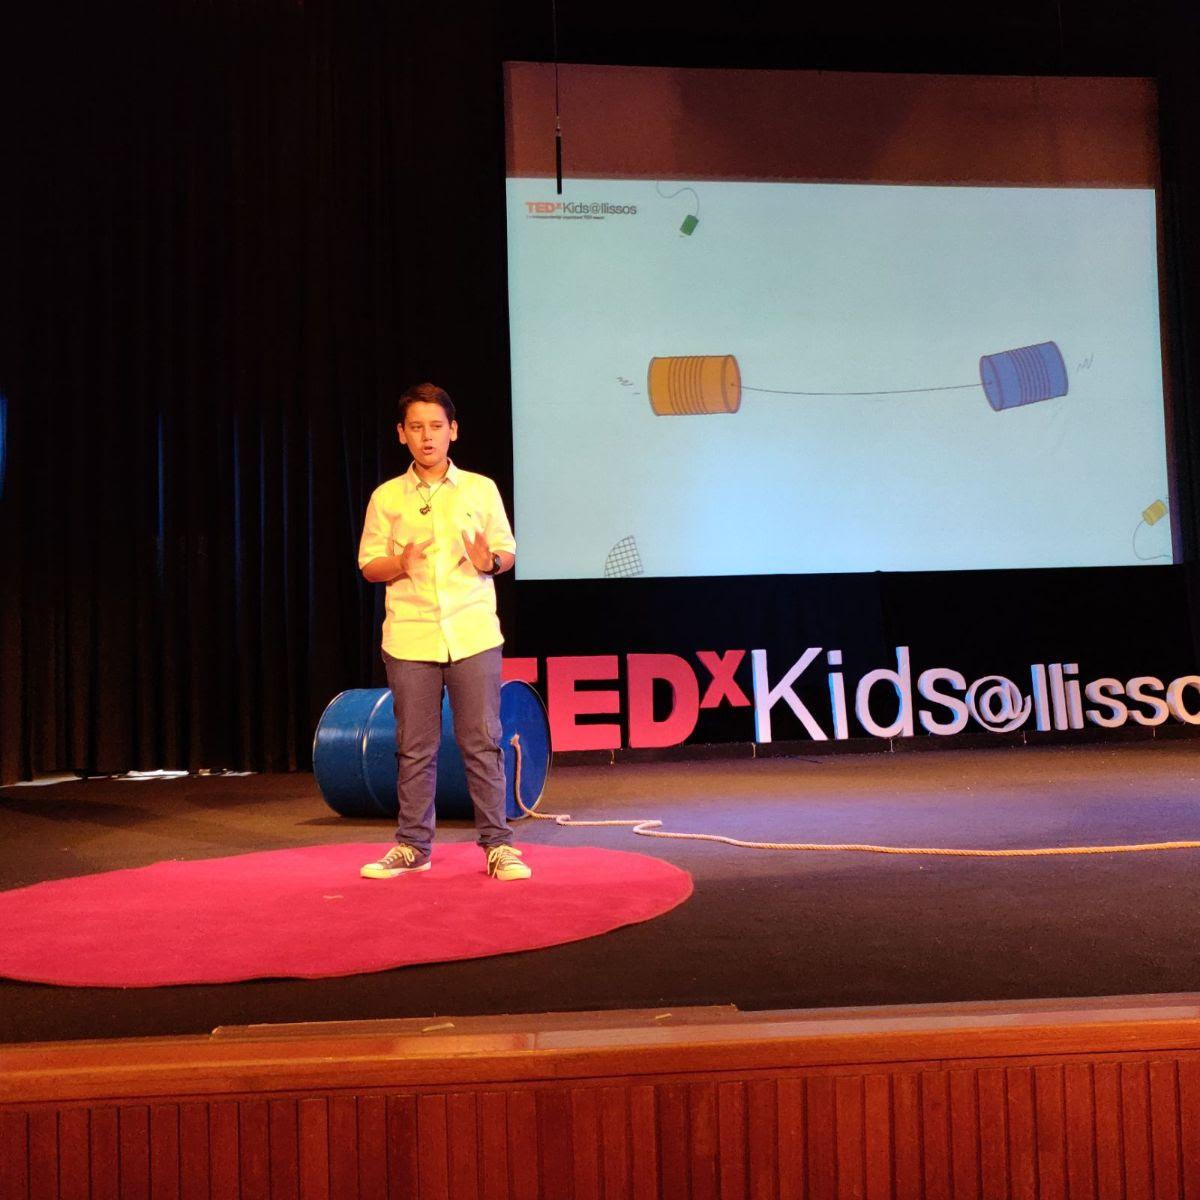 Πρεμιέρα: TEDxKids@Ilissos 2020 με τη συμμετοχή μαθητή ρητορικής της «Λέσχης Ανδρίων»